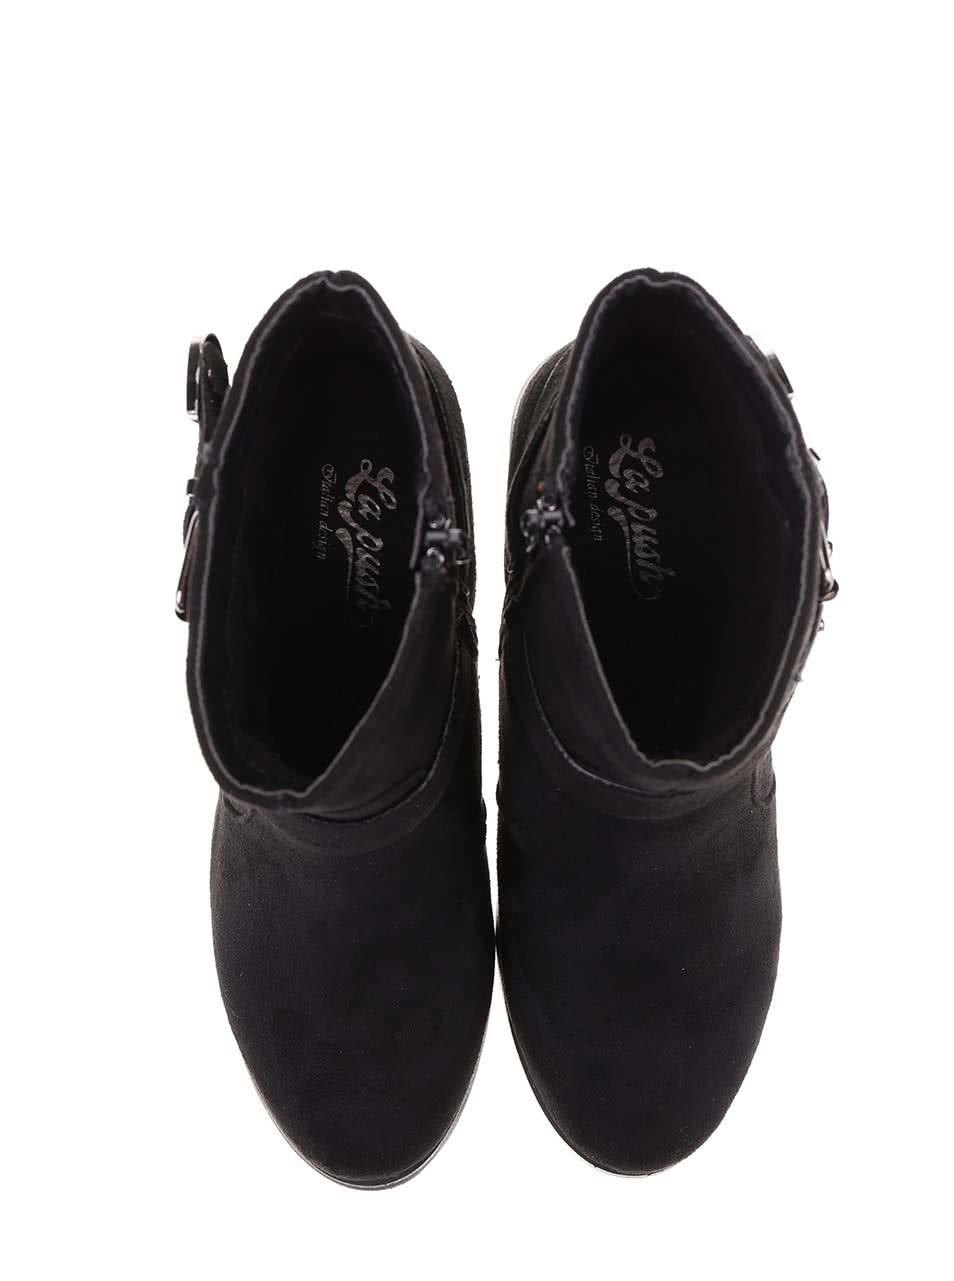 88977428d3 Čierne členkové topánky na podpätku s ozdobnou prackou La Push ...